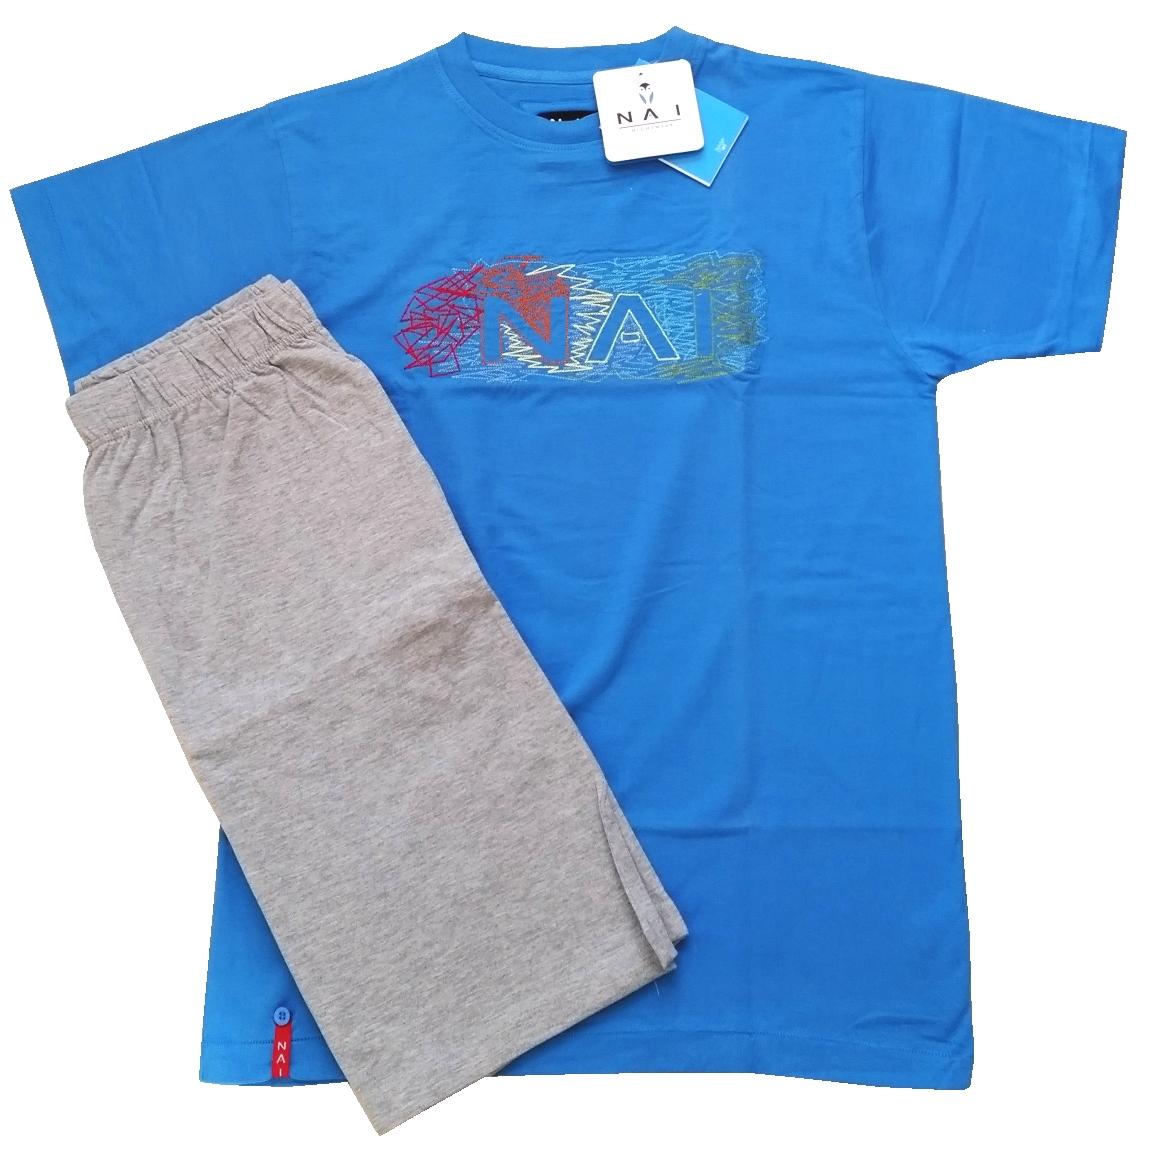 N.A.I. 10071 pánské pyžamo, modrá světlá, M